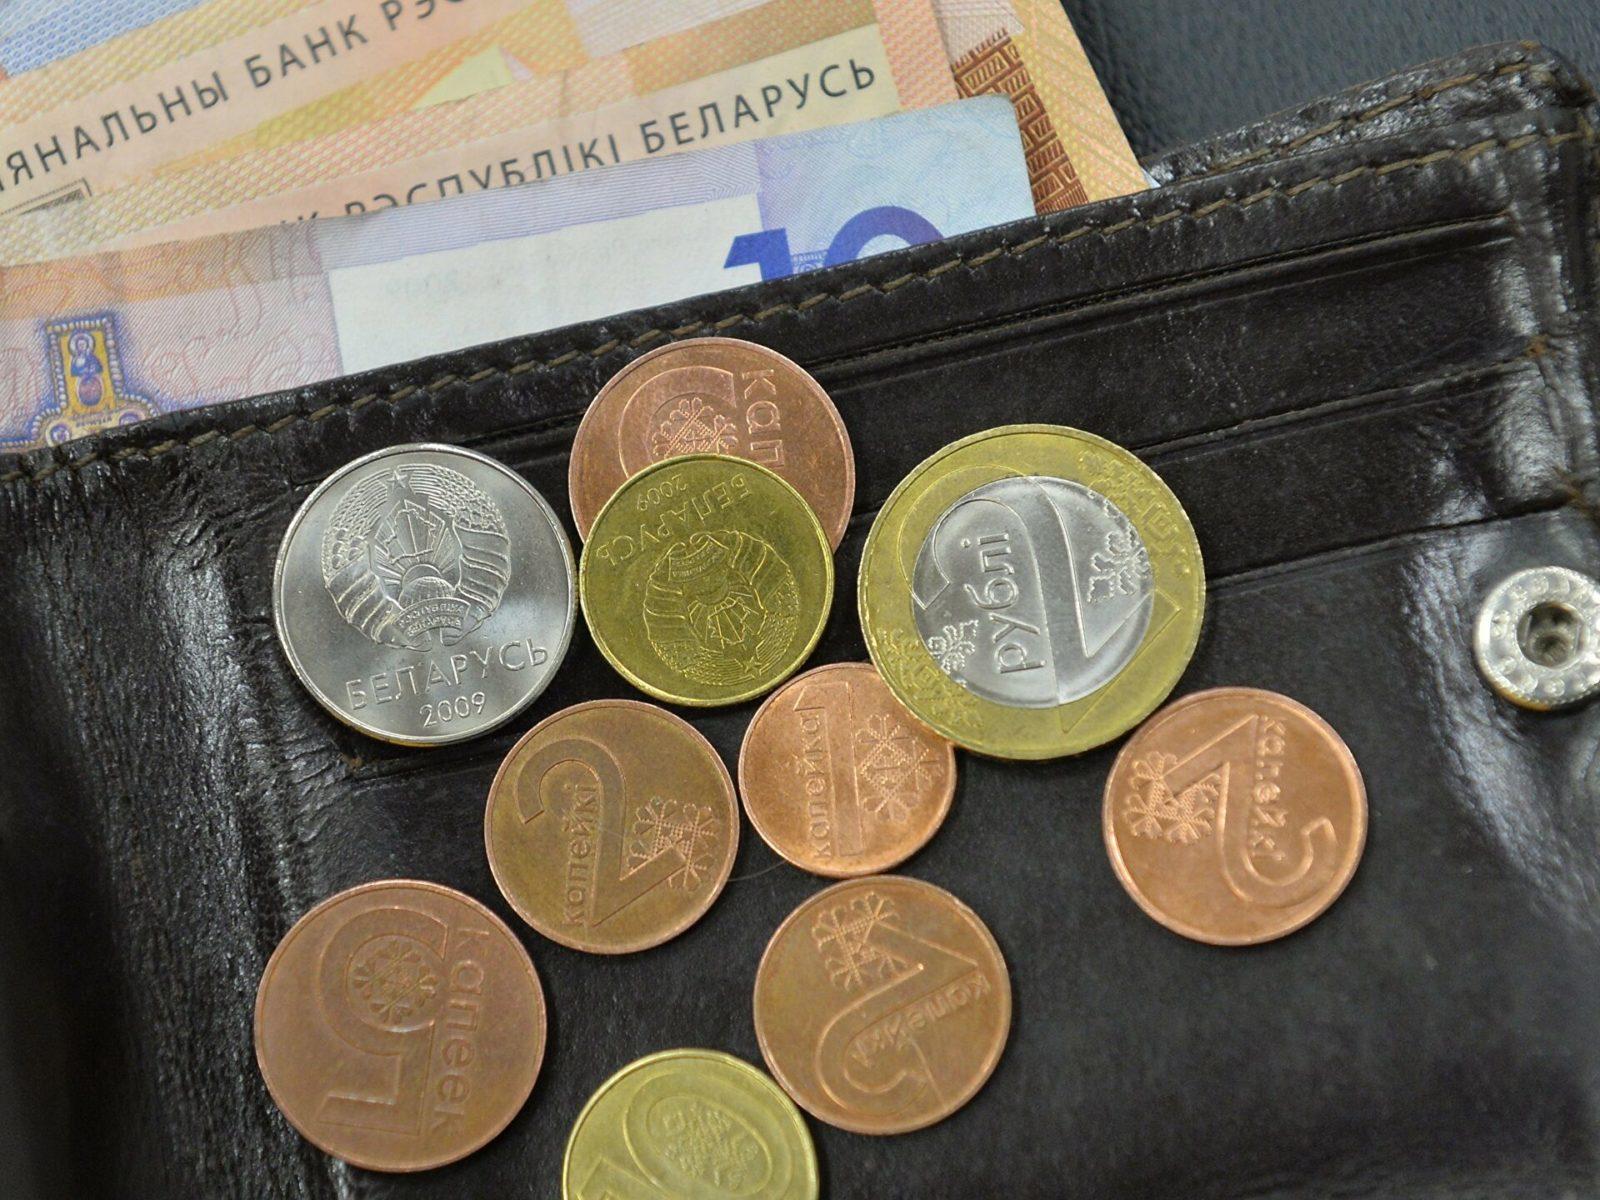 Министр экономики рассказал, какой должна быть средняя зарплата в Беларуси в следующем году